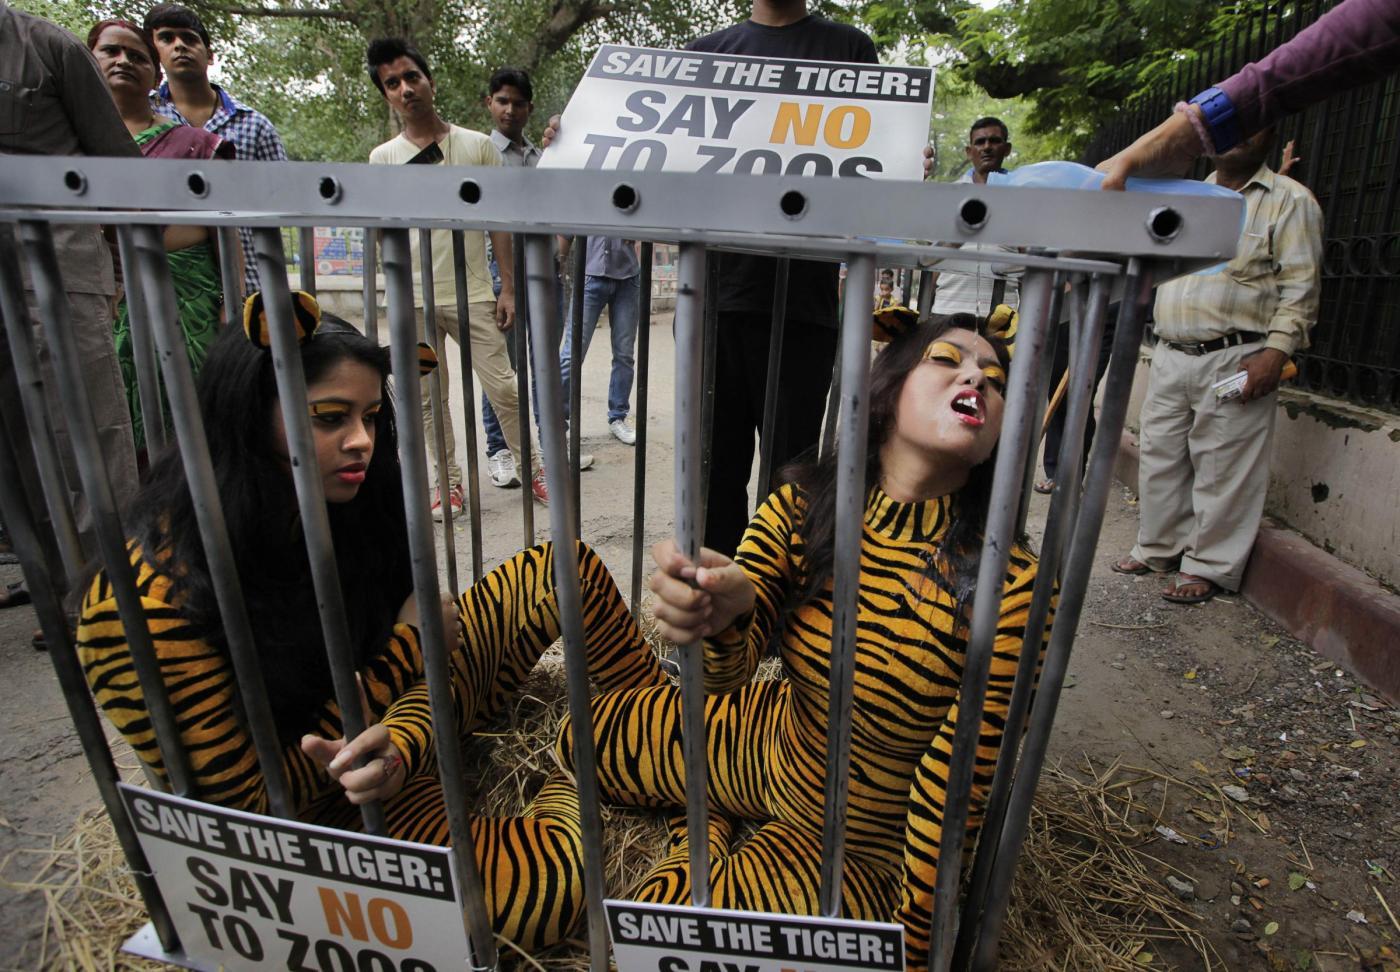 Rinchiuse in gabbia: protesta per la morte delle tigri in uno zoo (FOTO)